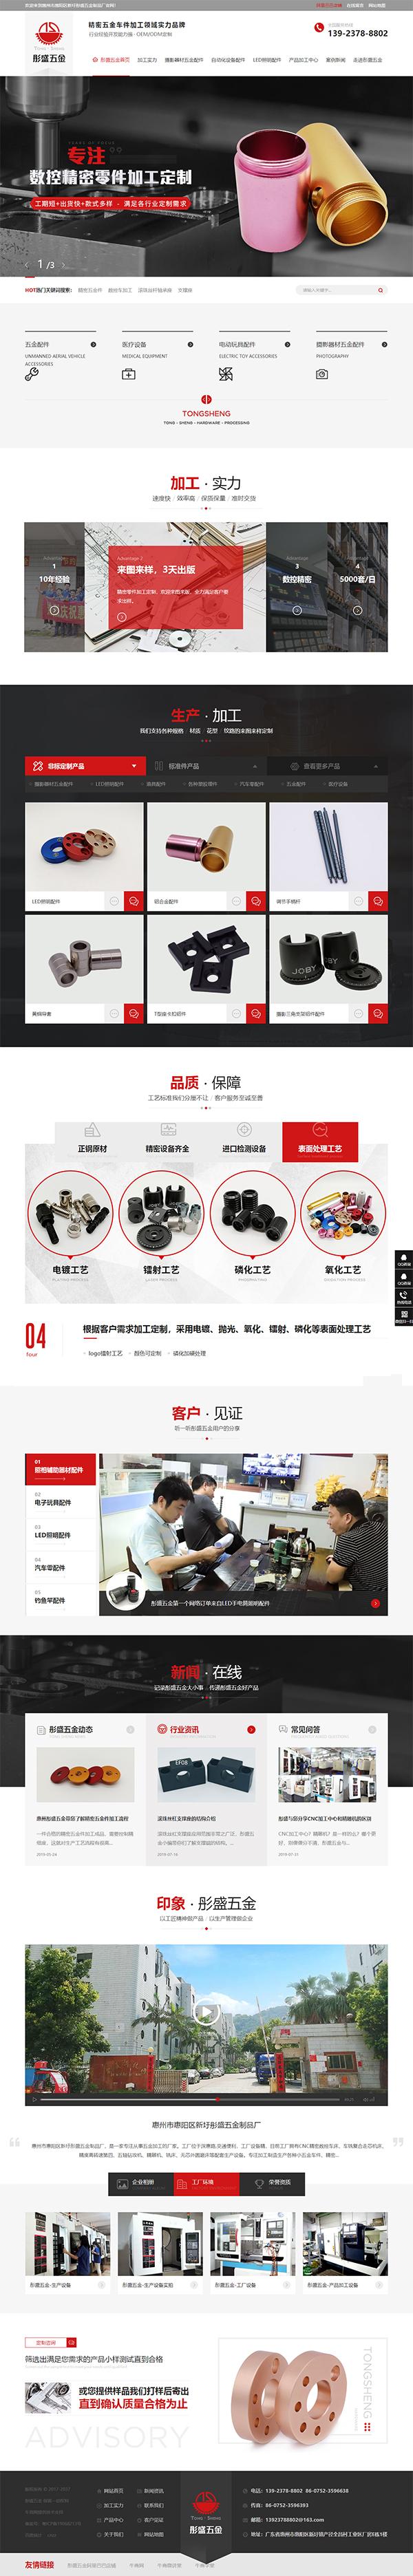 彤盛五金制品厂-龙8国际龙88型龙8国际官网首页首页展示